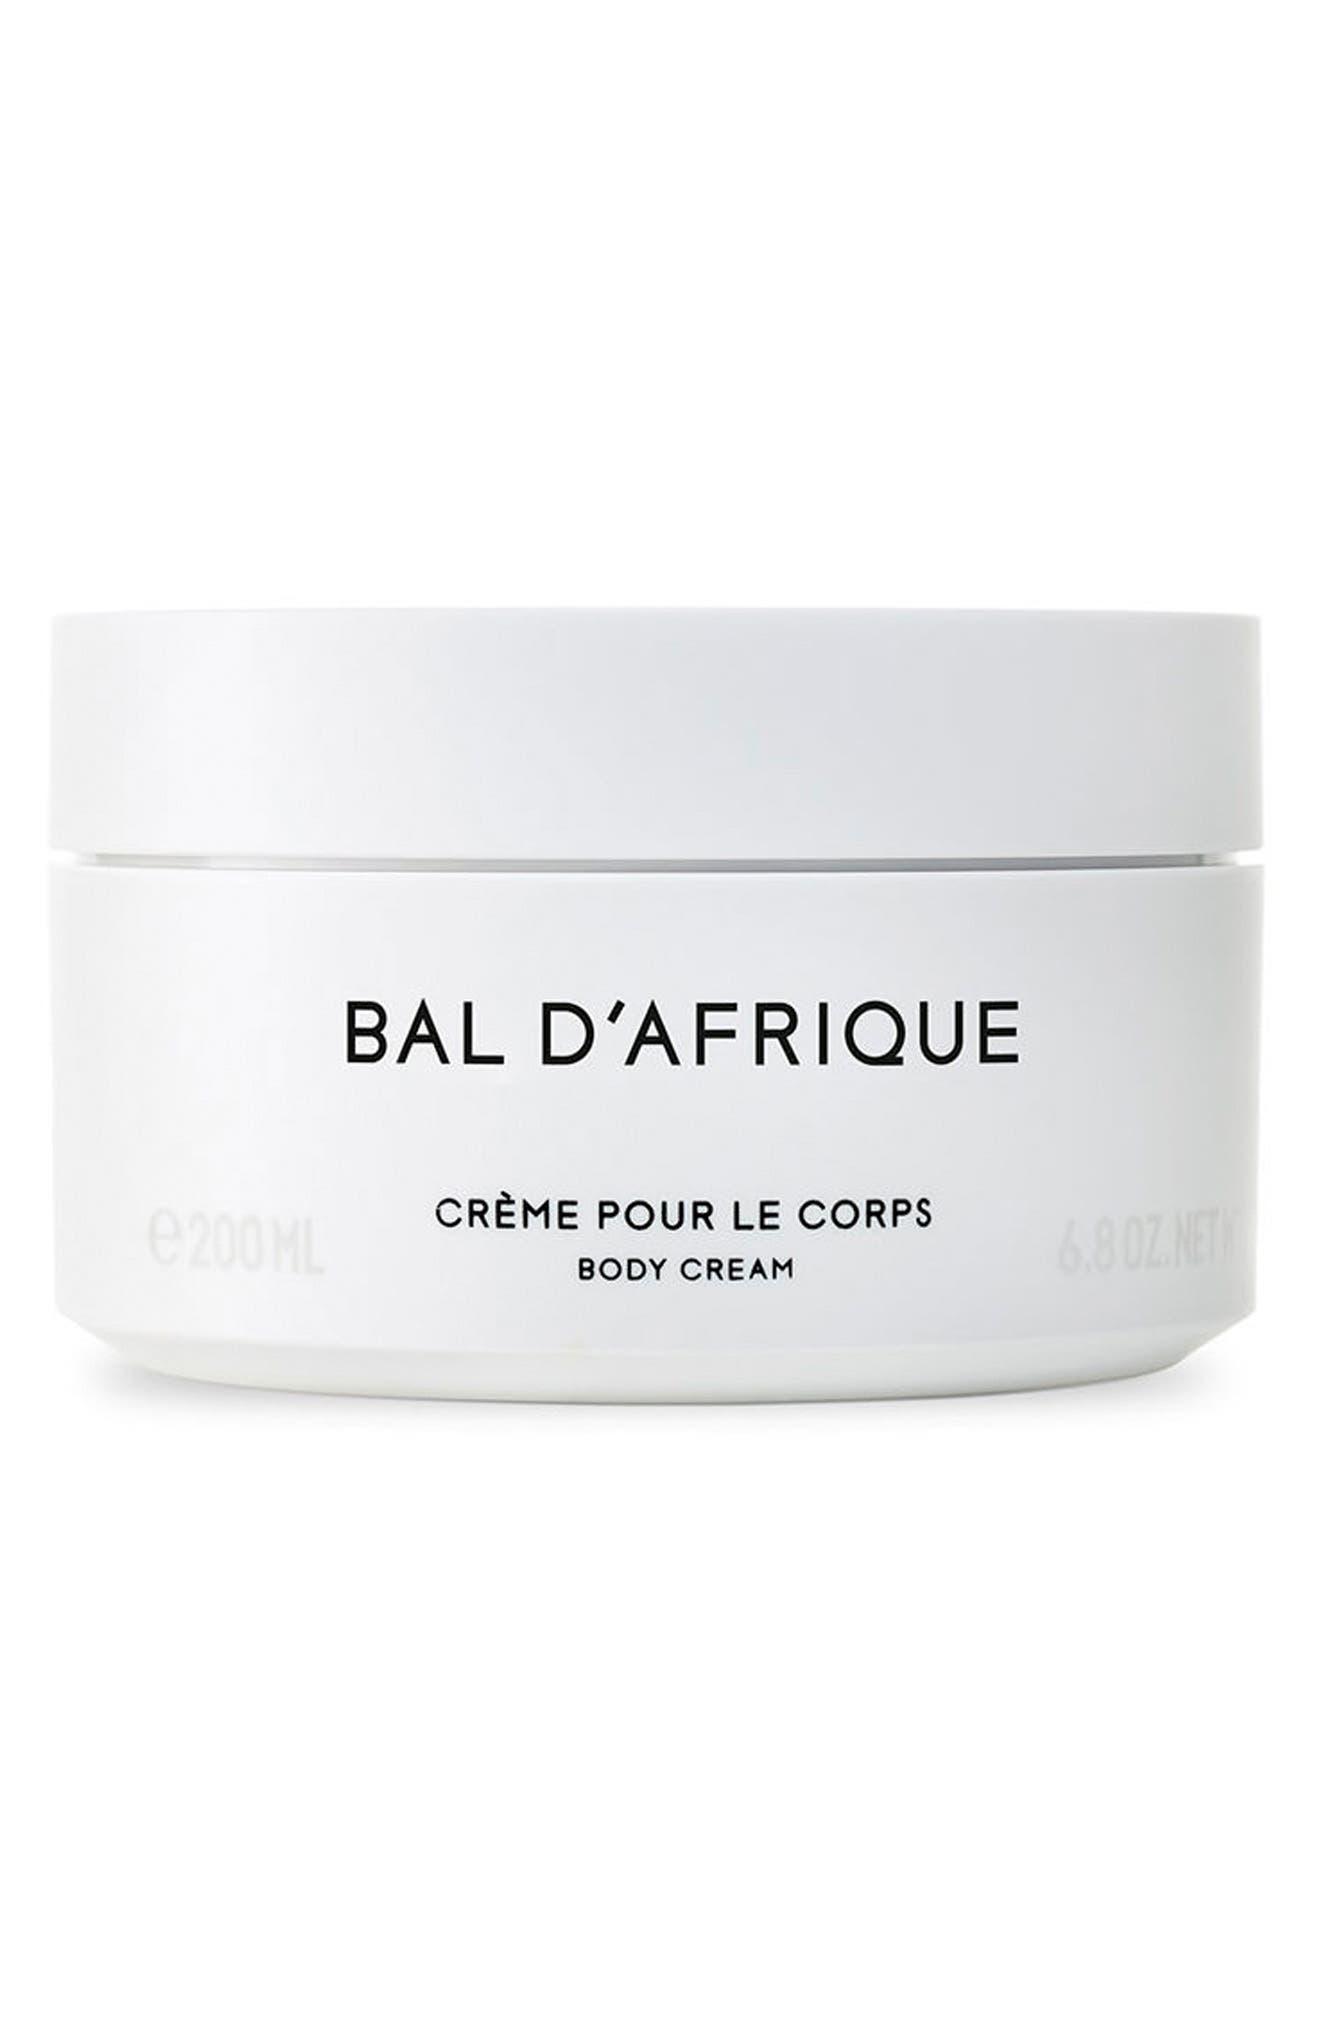 Bal d'Afrique Body Cream,                         Main,                         color, NO COLOR